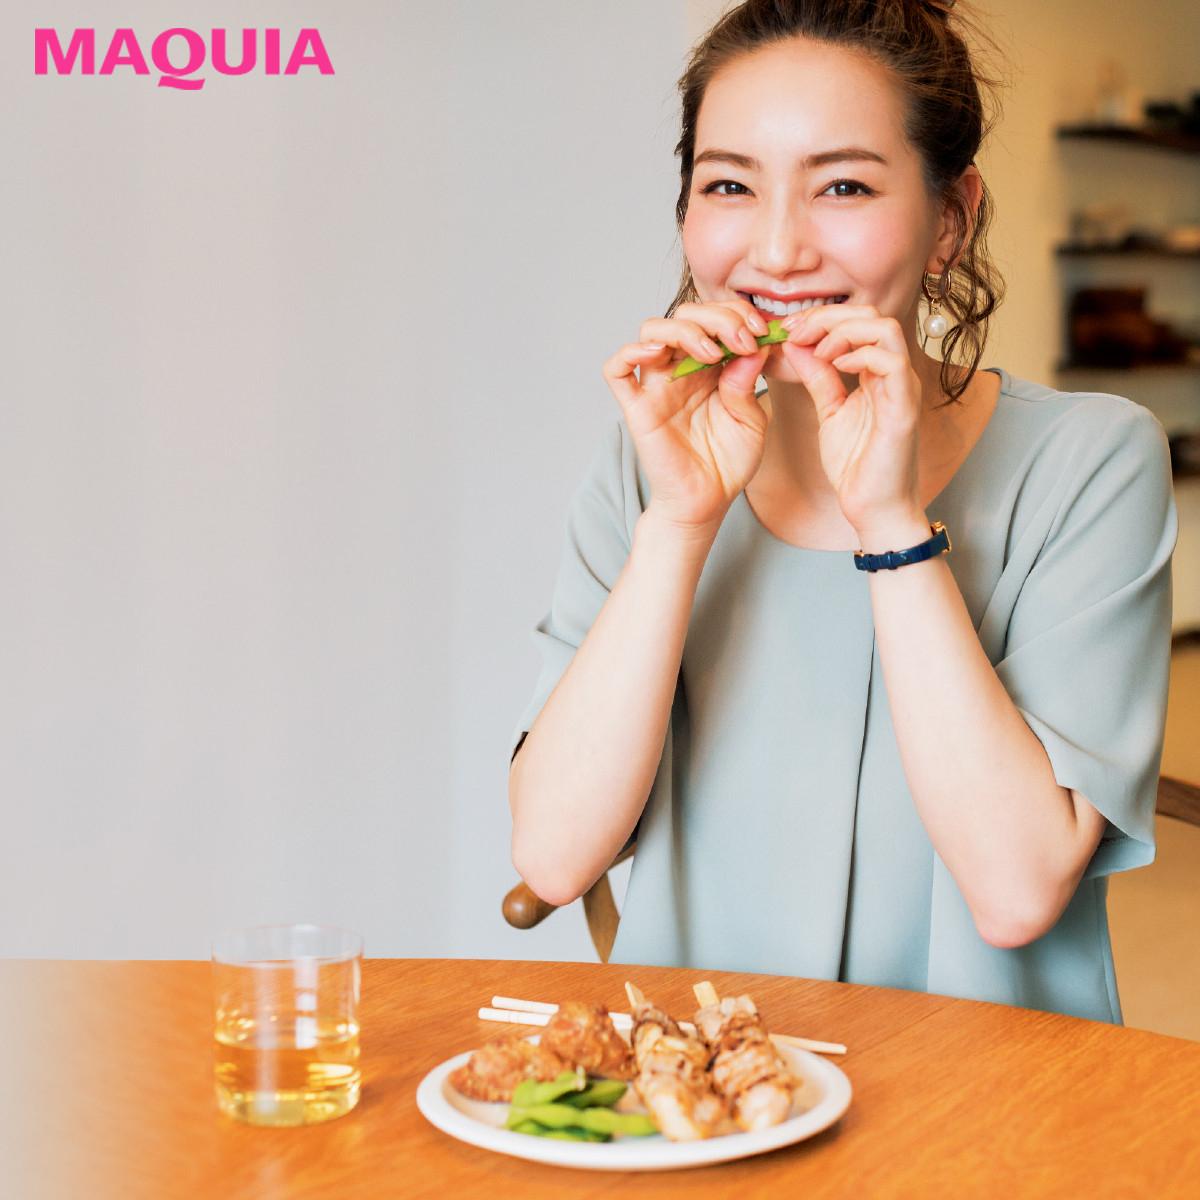 外食もおやつも、これならOK! 食べ痩せが叶うメニュー選びのポイントを教えます